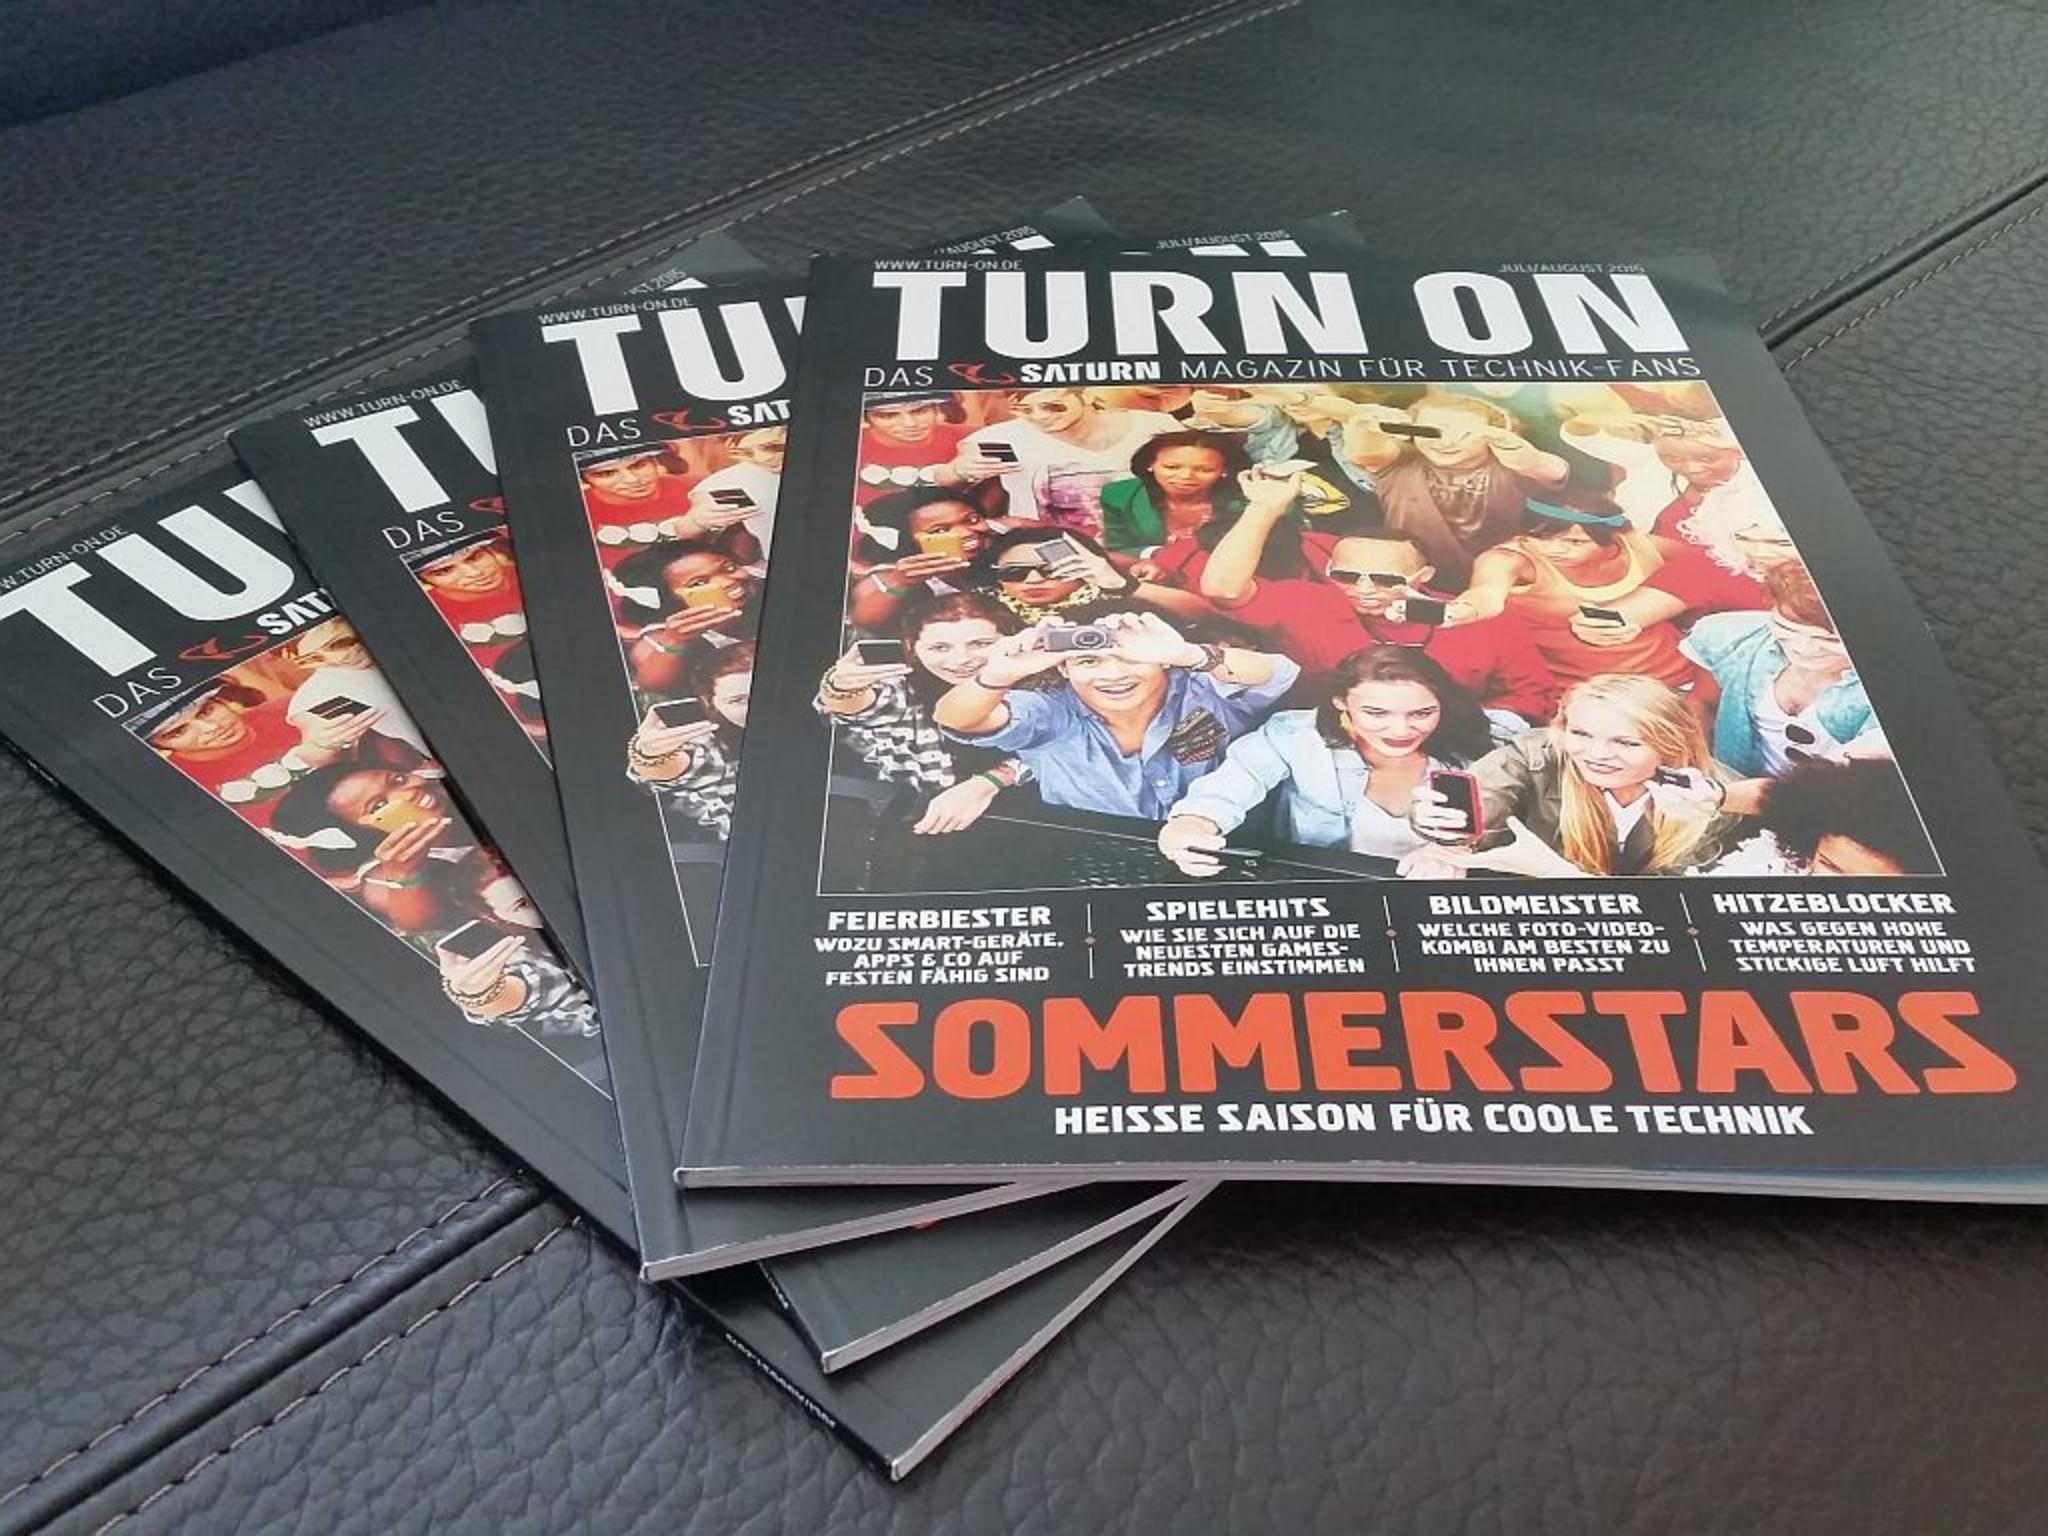 Liegt seit dem 6. Juli in Deutschlands Saturn-Märkten: das neue TURN ON Magazin.